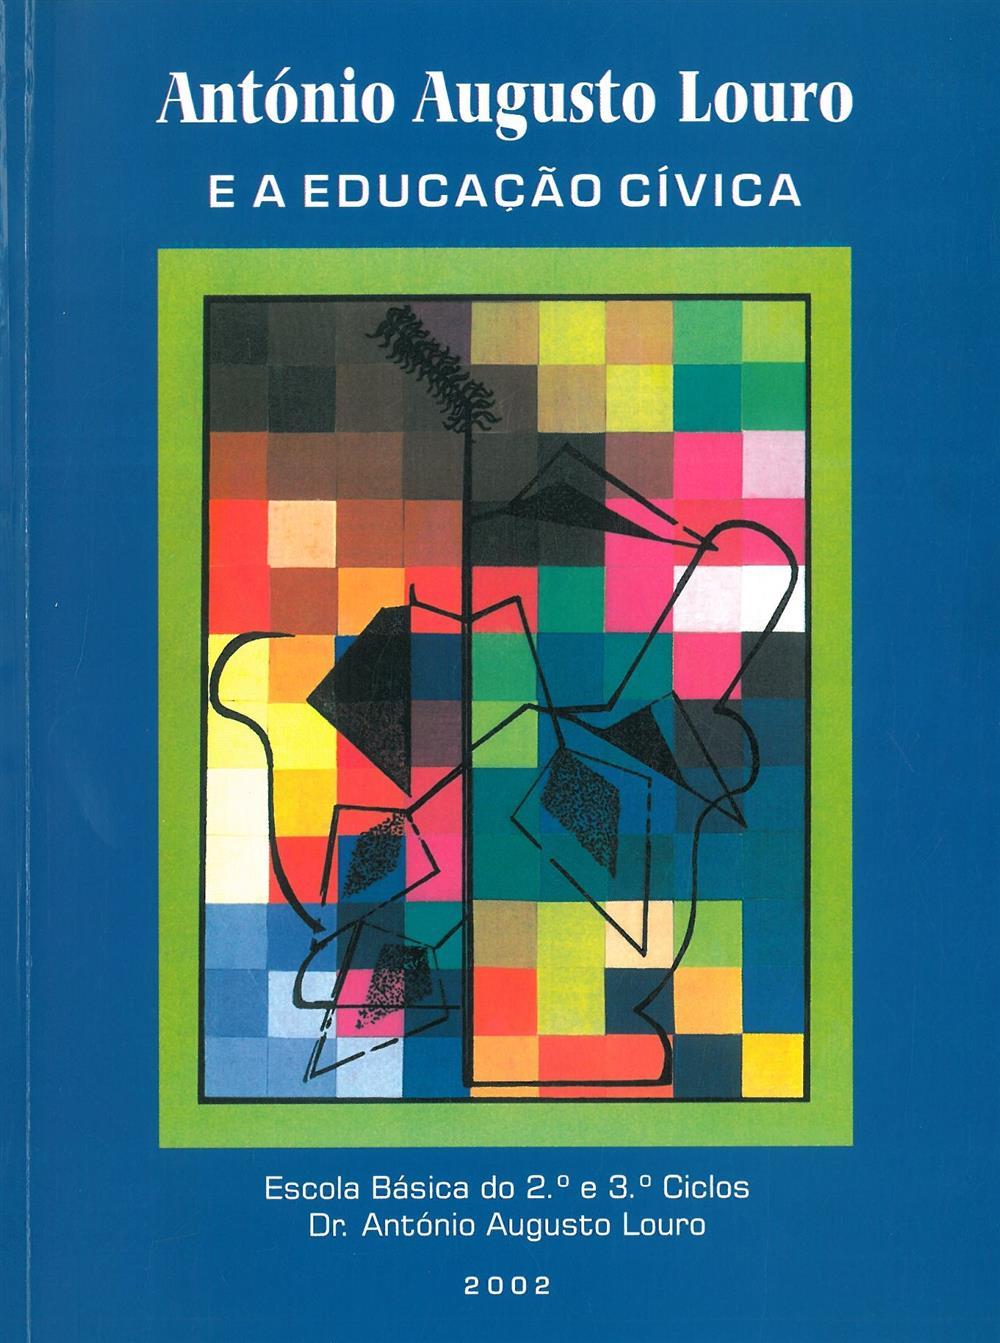 António Augusto Louro e a educação cívica.jpg